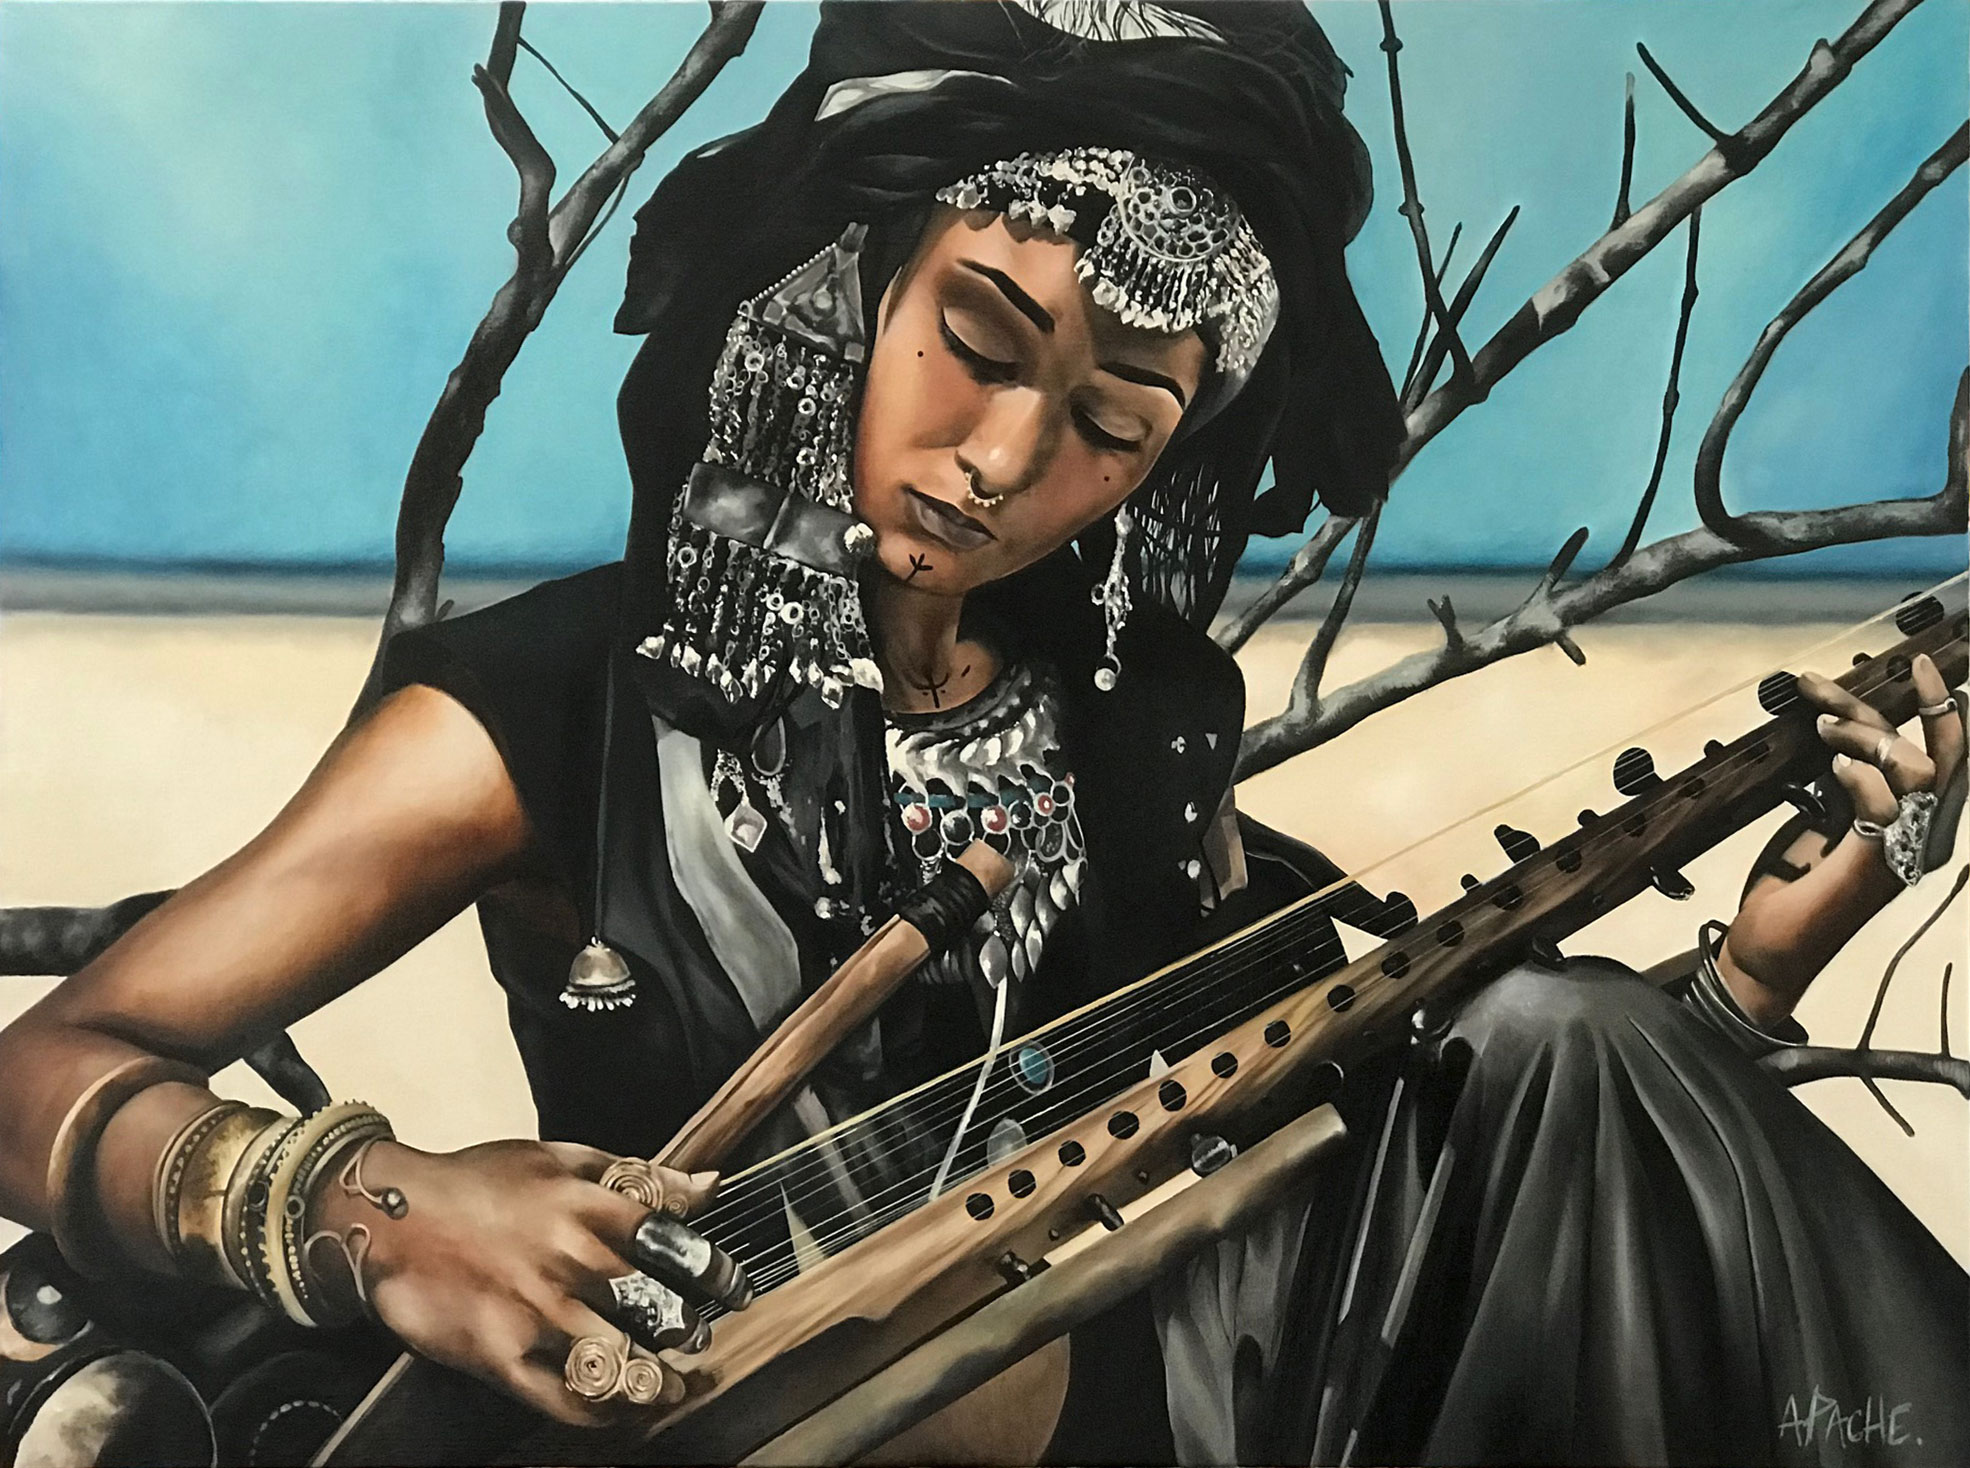 Tableau Berbère par Apache Artiste Peintre